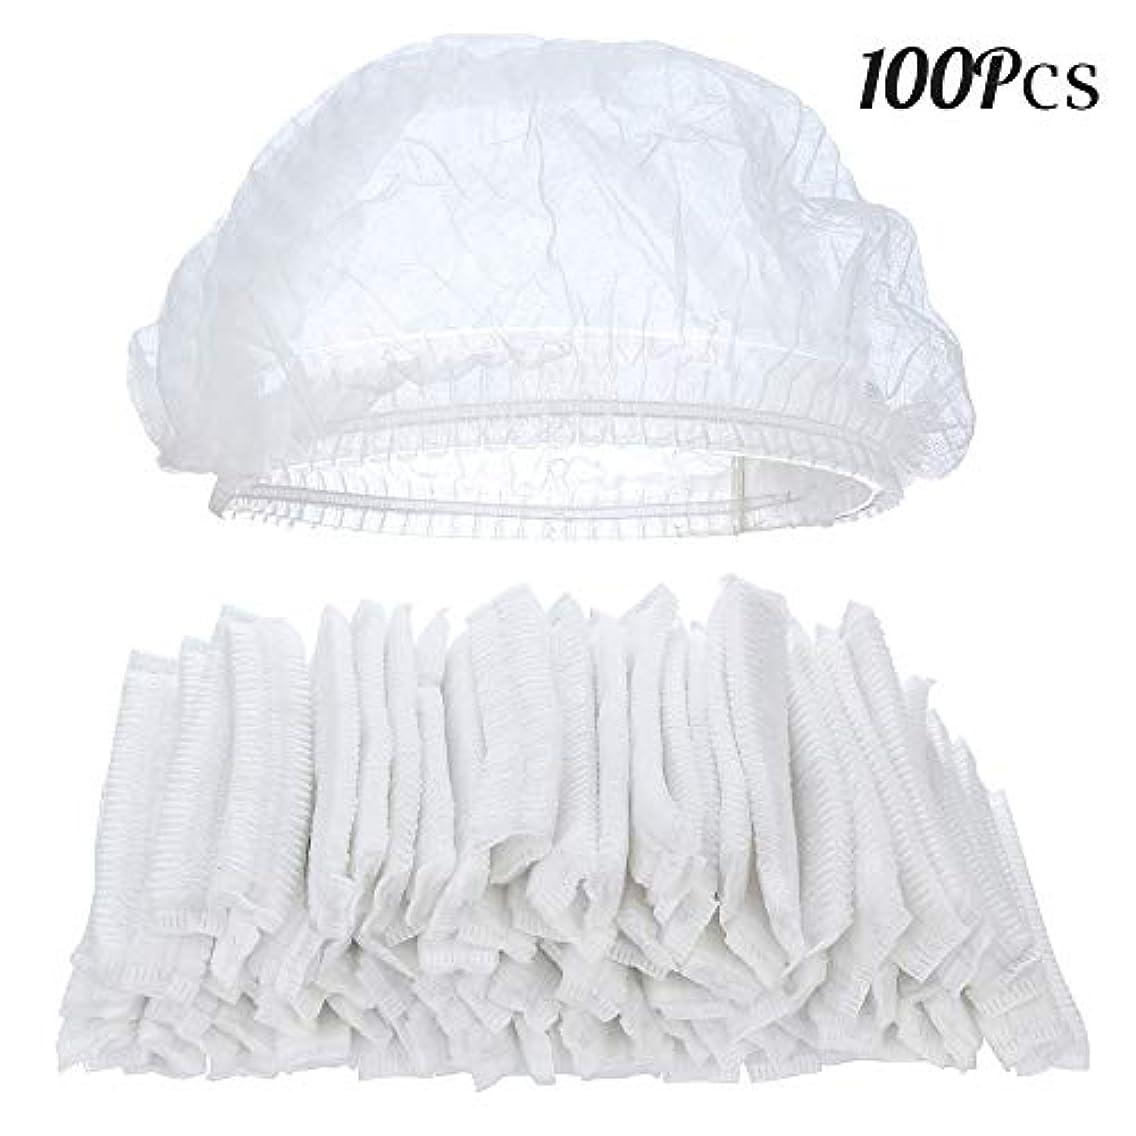 びっくりする食品持ってる100ピースクリア使い捨てプラスチックシャワーキャップ大きな弾性厚いバスキャップ用女性スパ、家庭用、ホテルおよび美容院